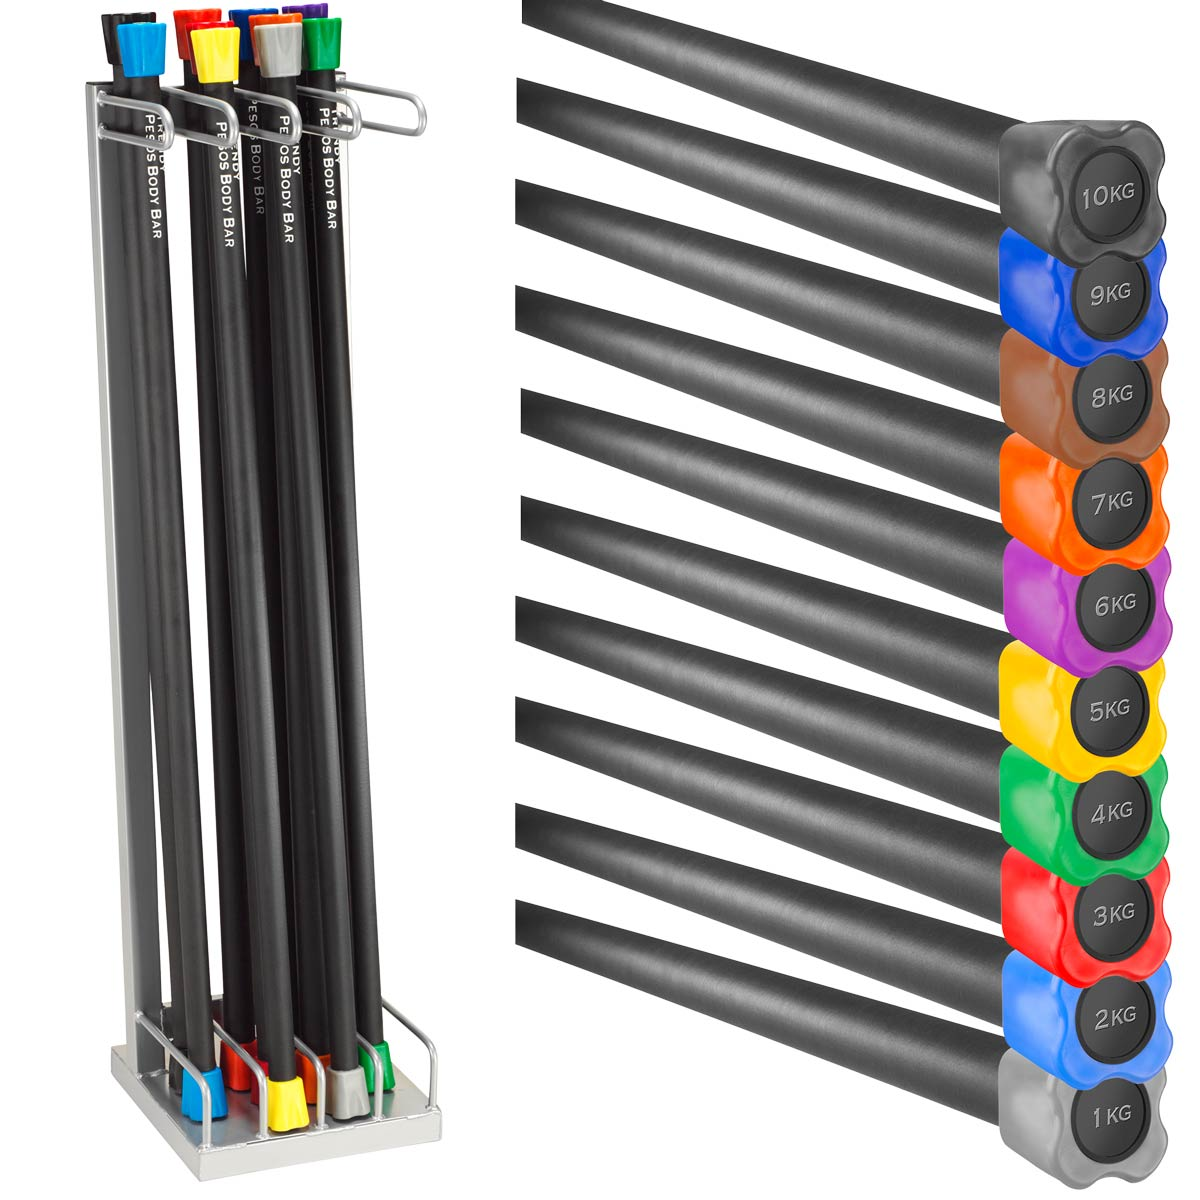 Jk Sportvertrieb Profi Shop Trendy Pesos Body Bar Praktisches Und Vipr 10 Kg Bild Von Gewichte 1